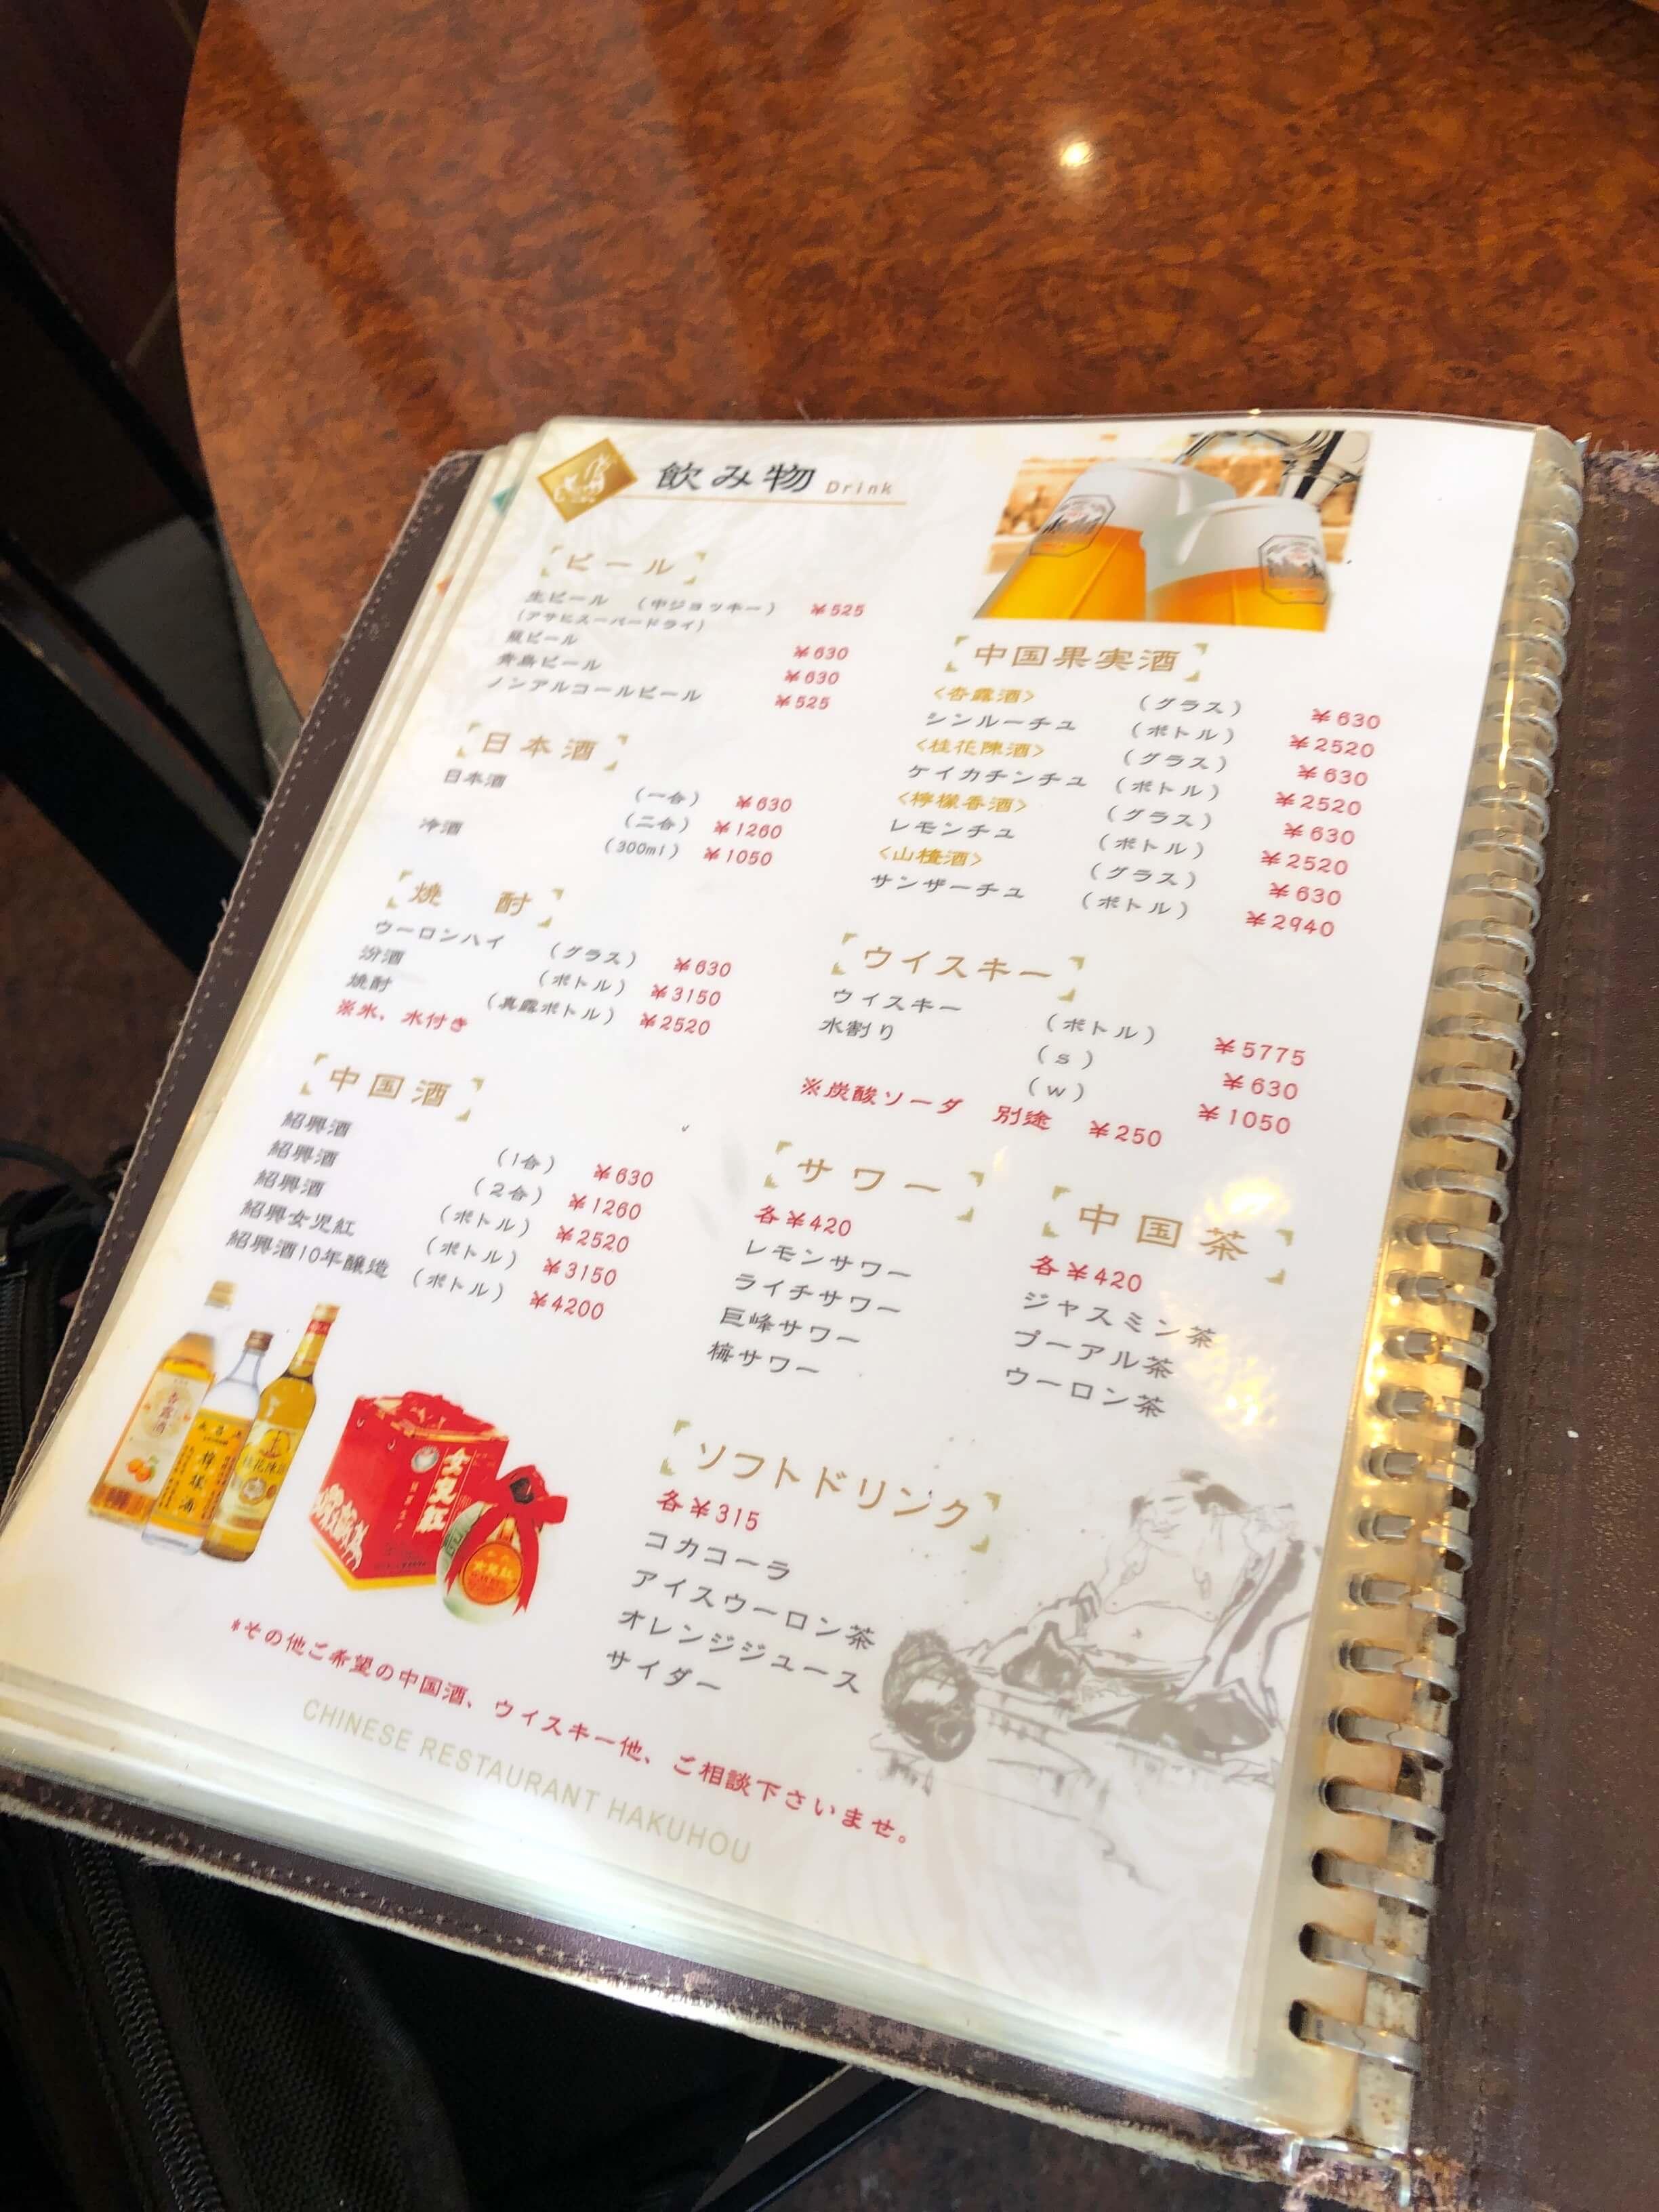 白鳳 メニュー 2019.11.20